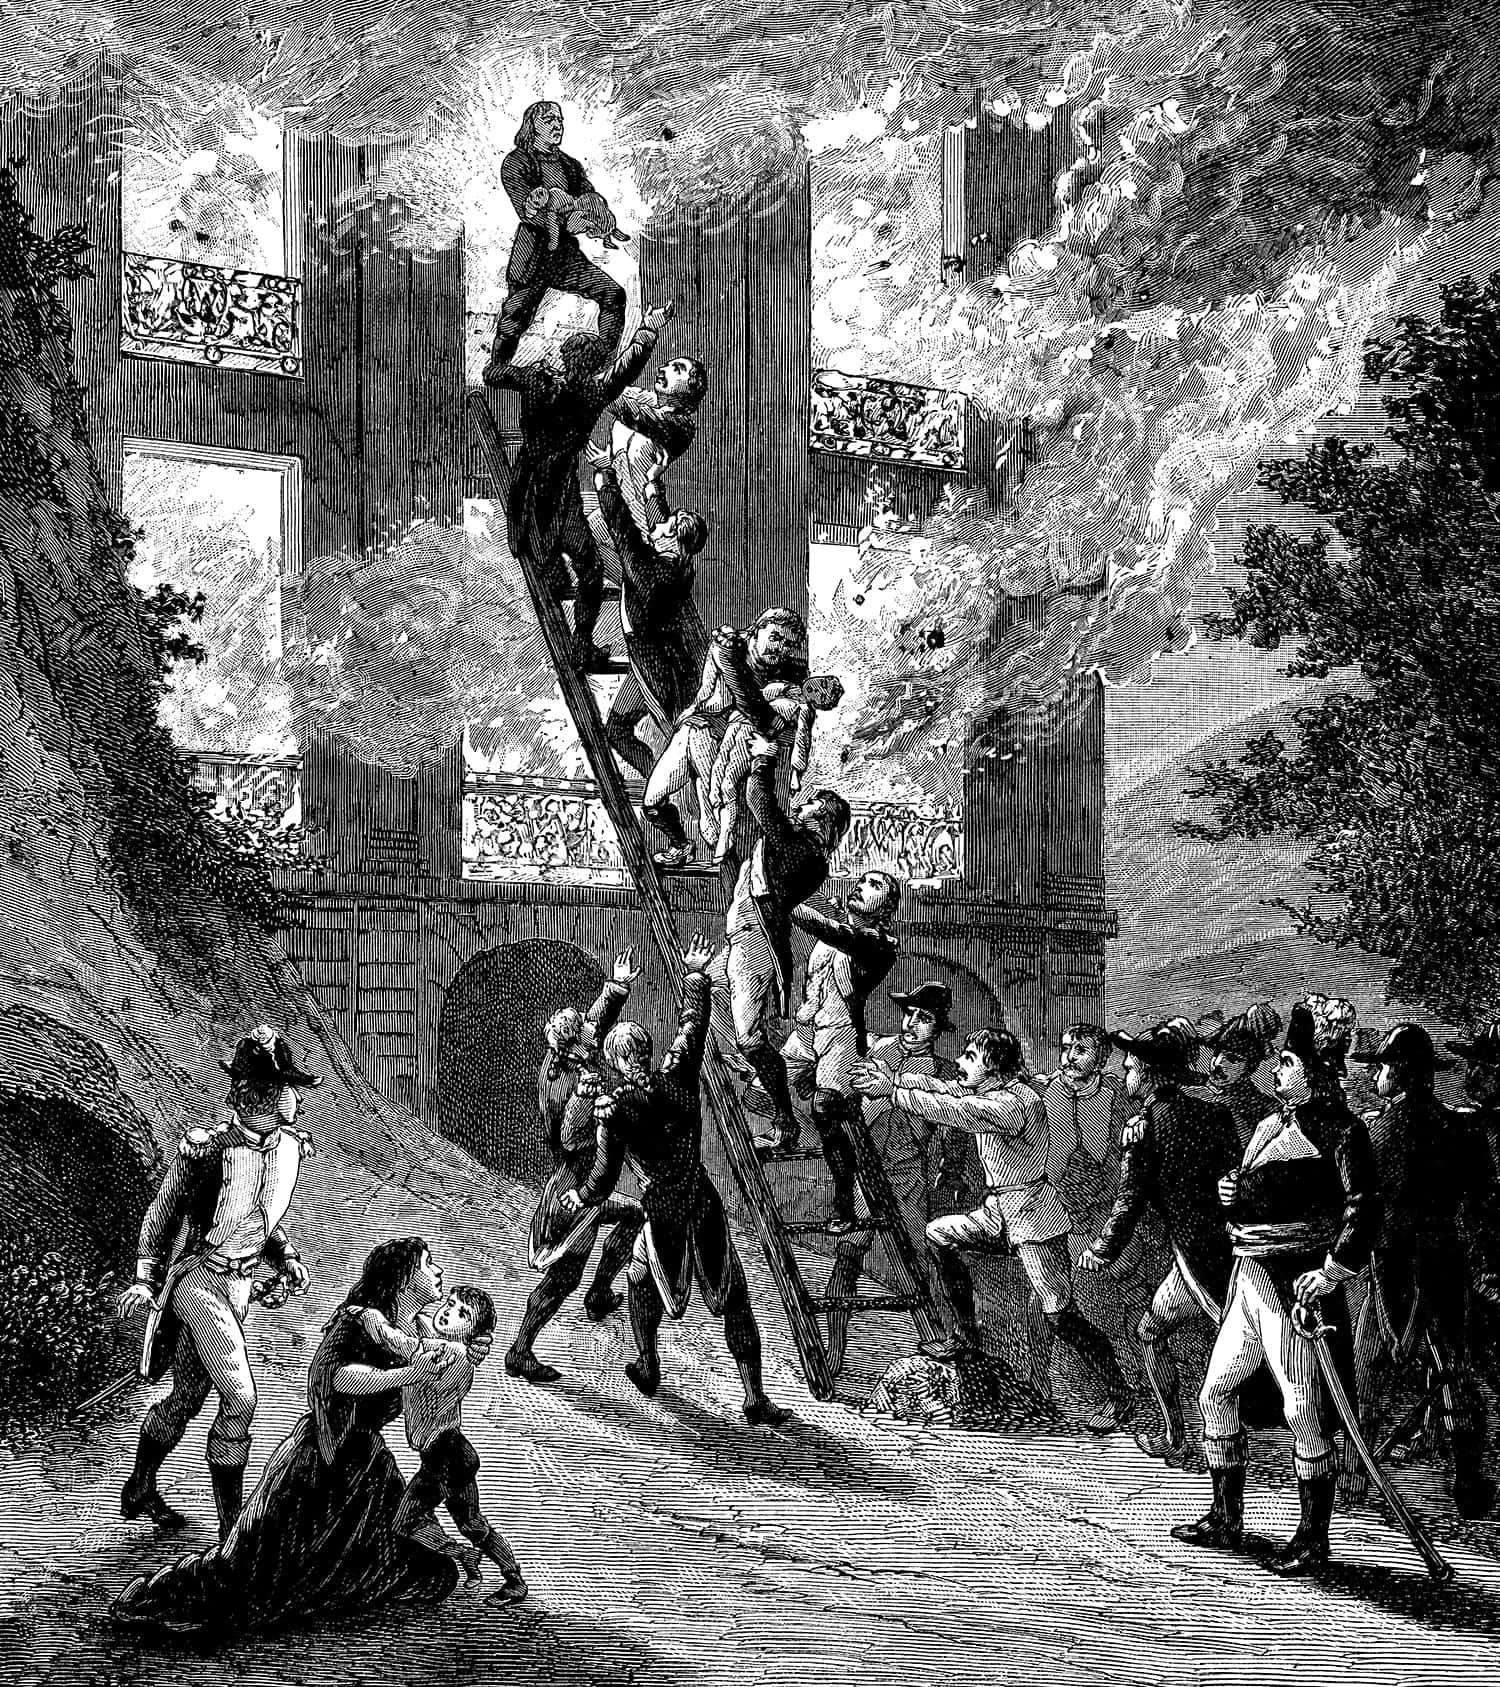 Pompieri parigini in azione, ritratti in un'antica incisione